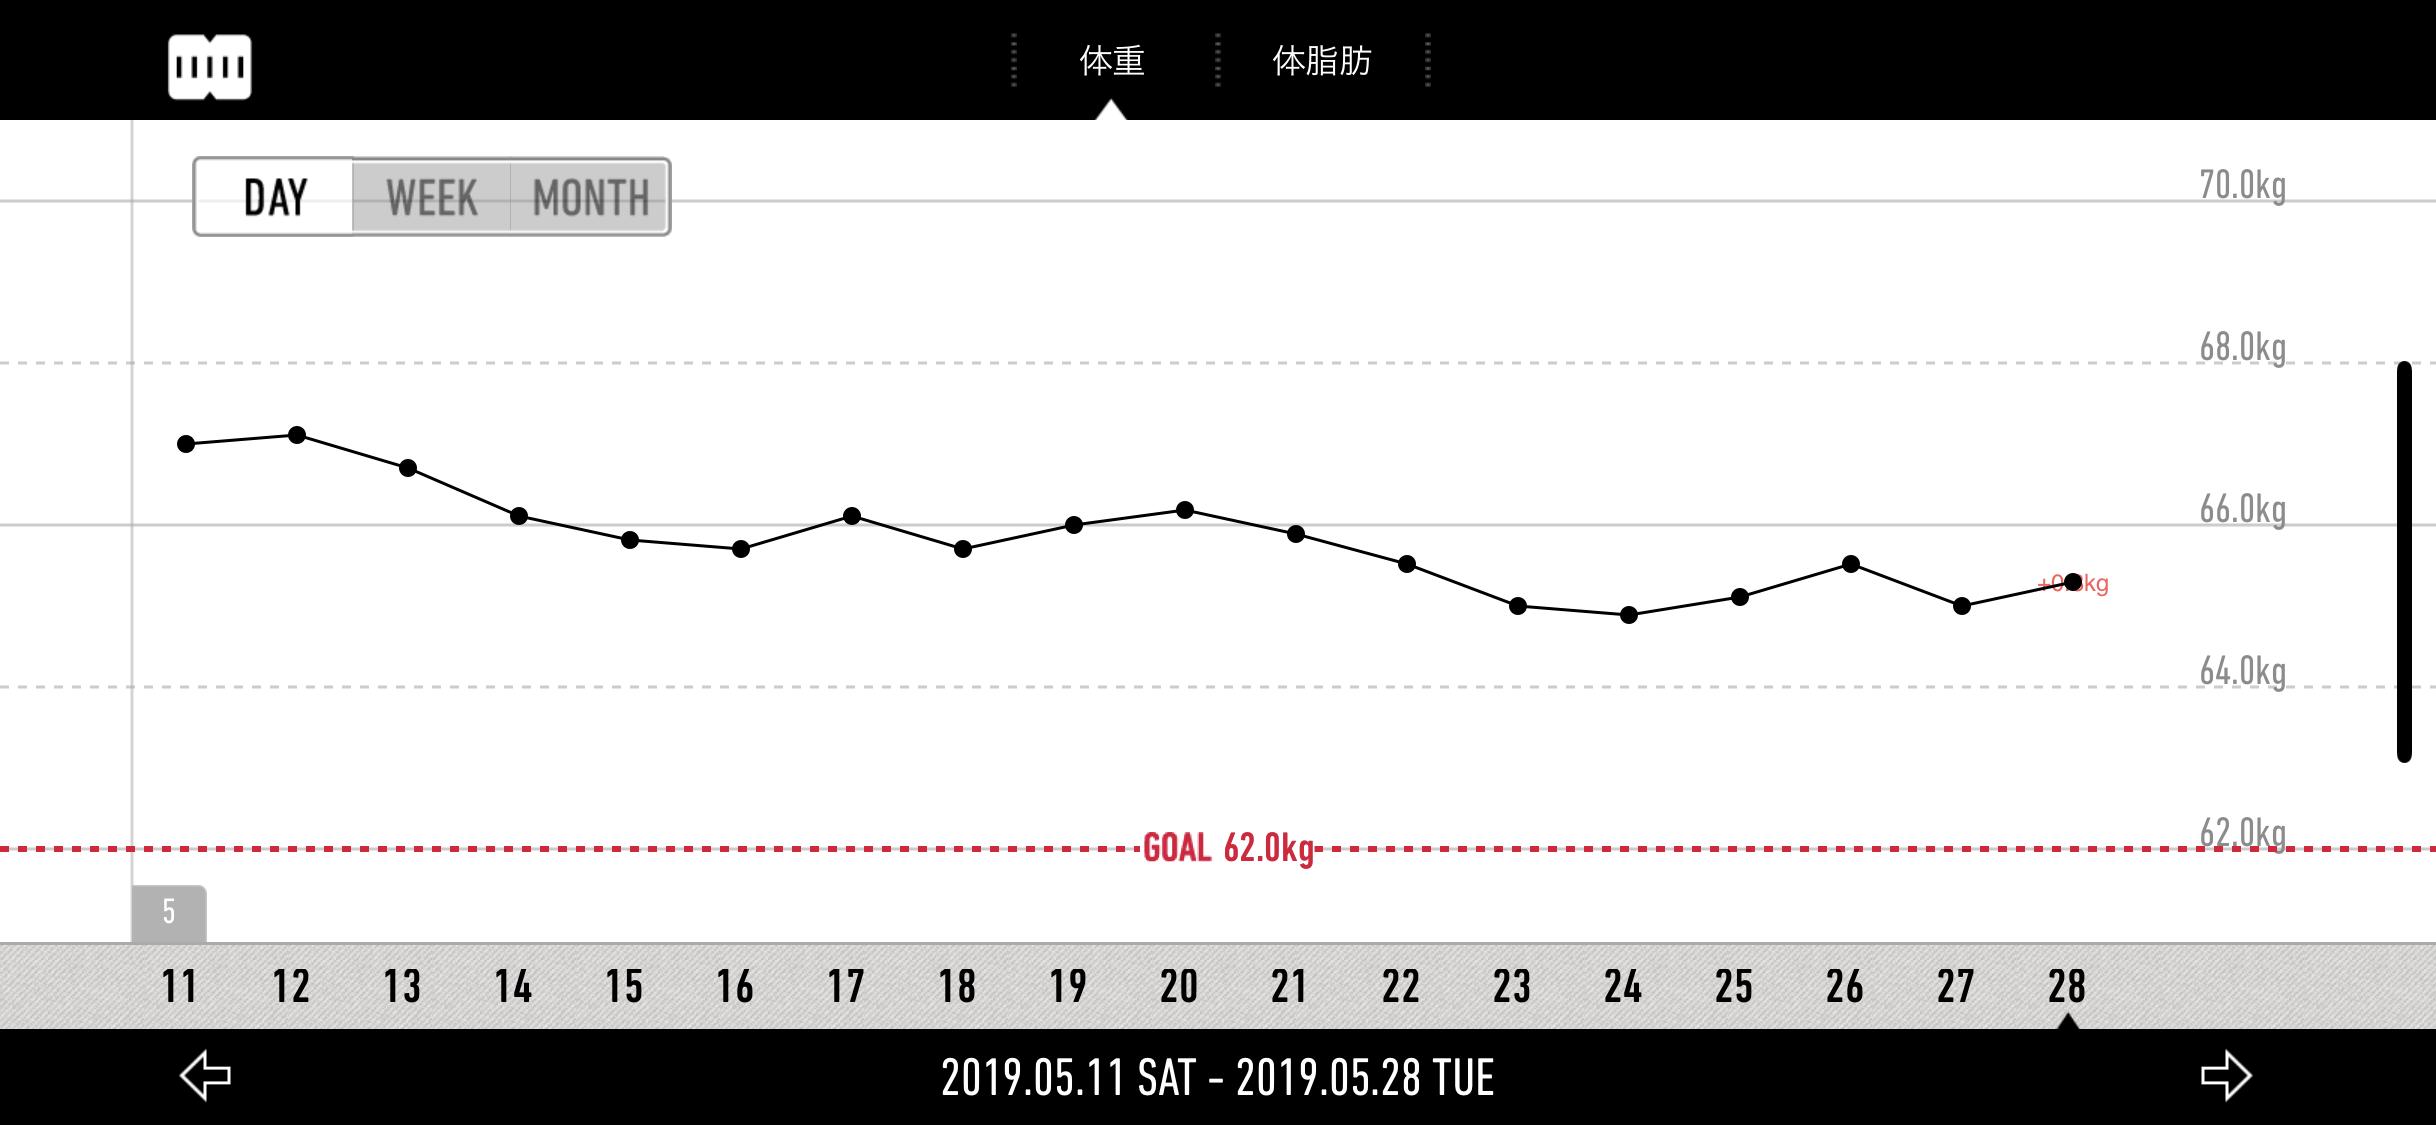 カロリー制限(1,550kcal)日単位の体重変化